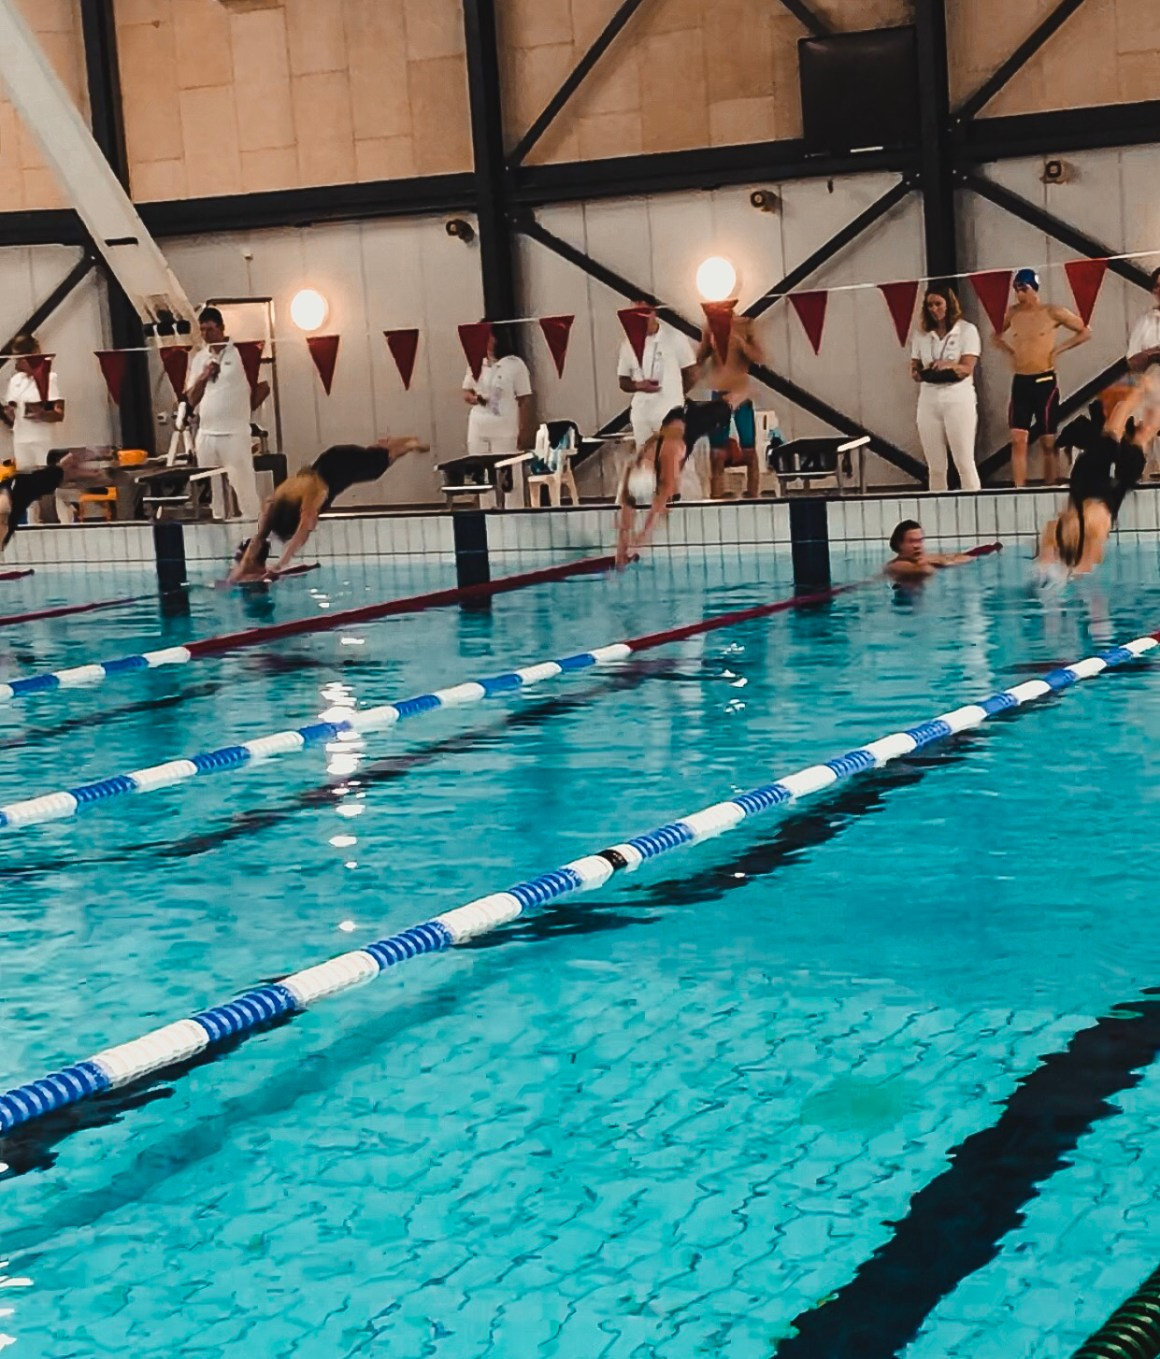 zwembad vaassen